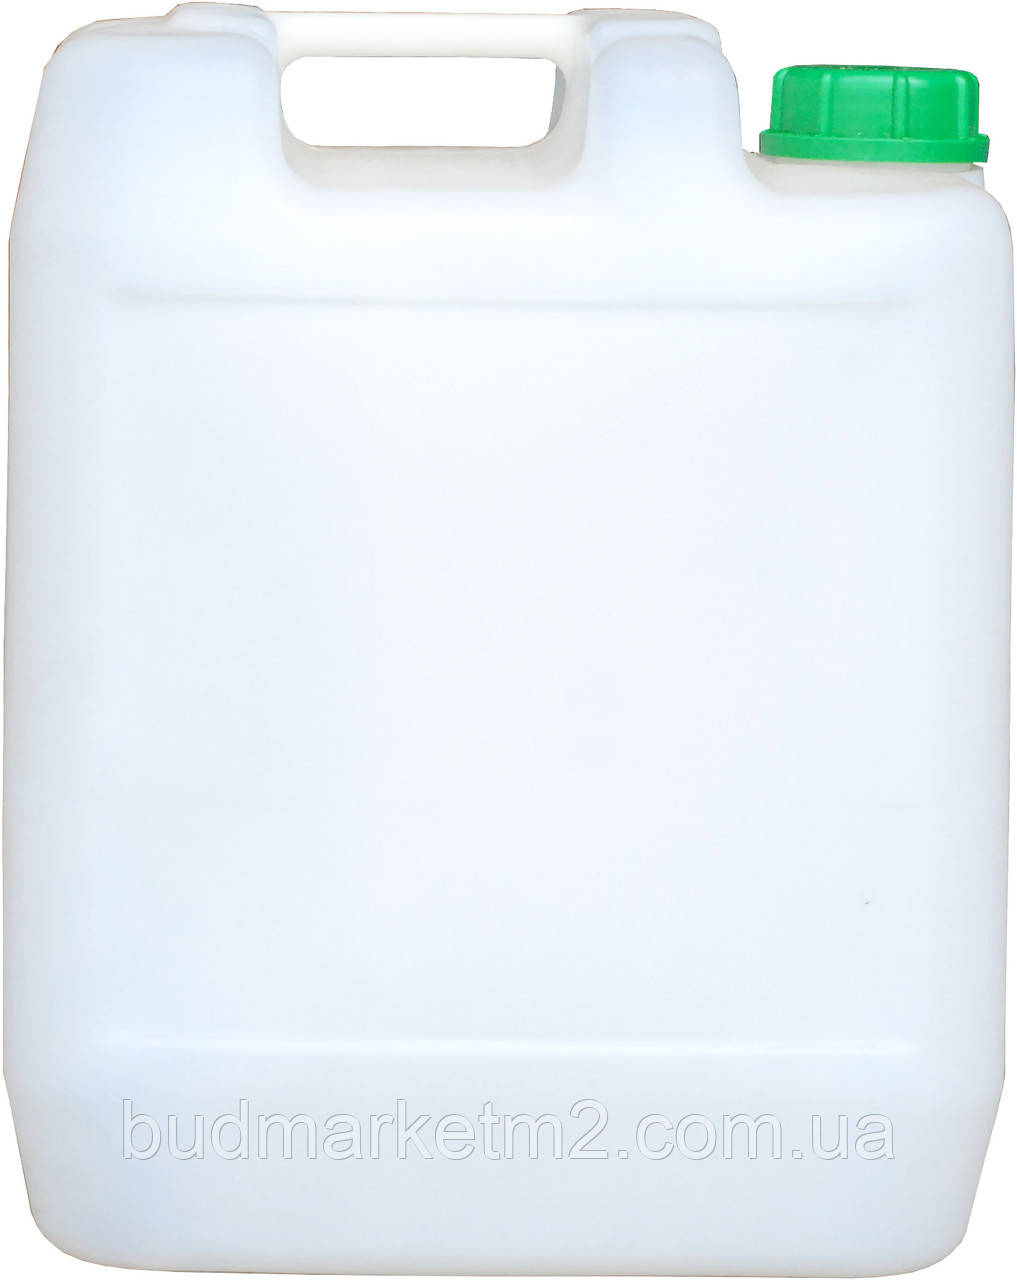 Канистра ЕВРО 20 литров (5,9)